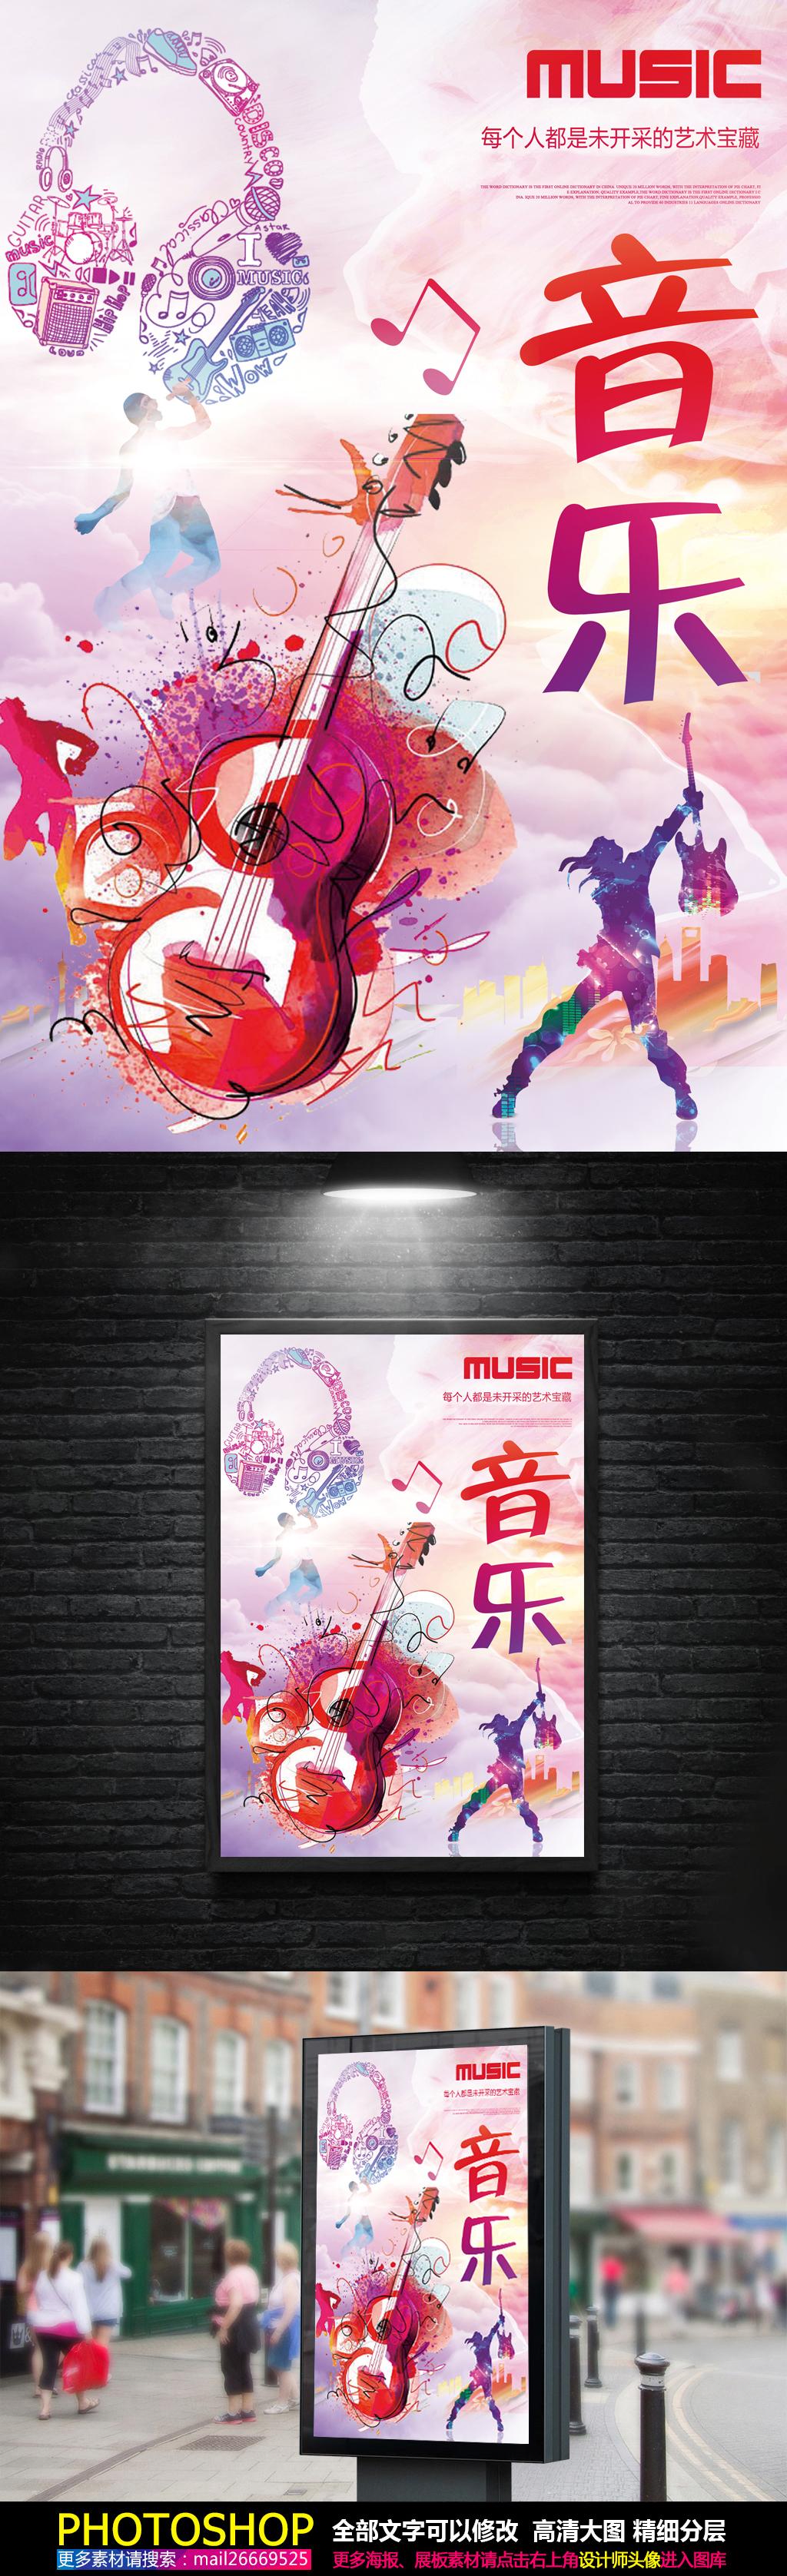 音乐会ktv歌手校园艺术节海报